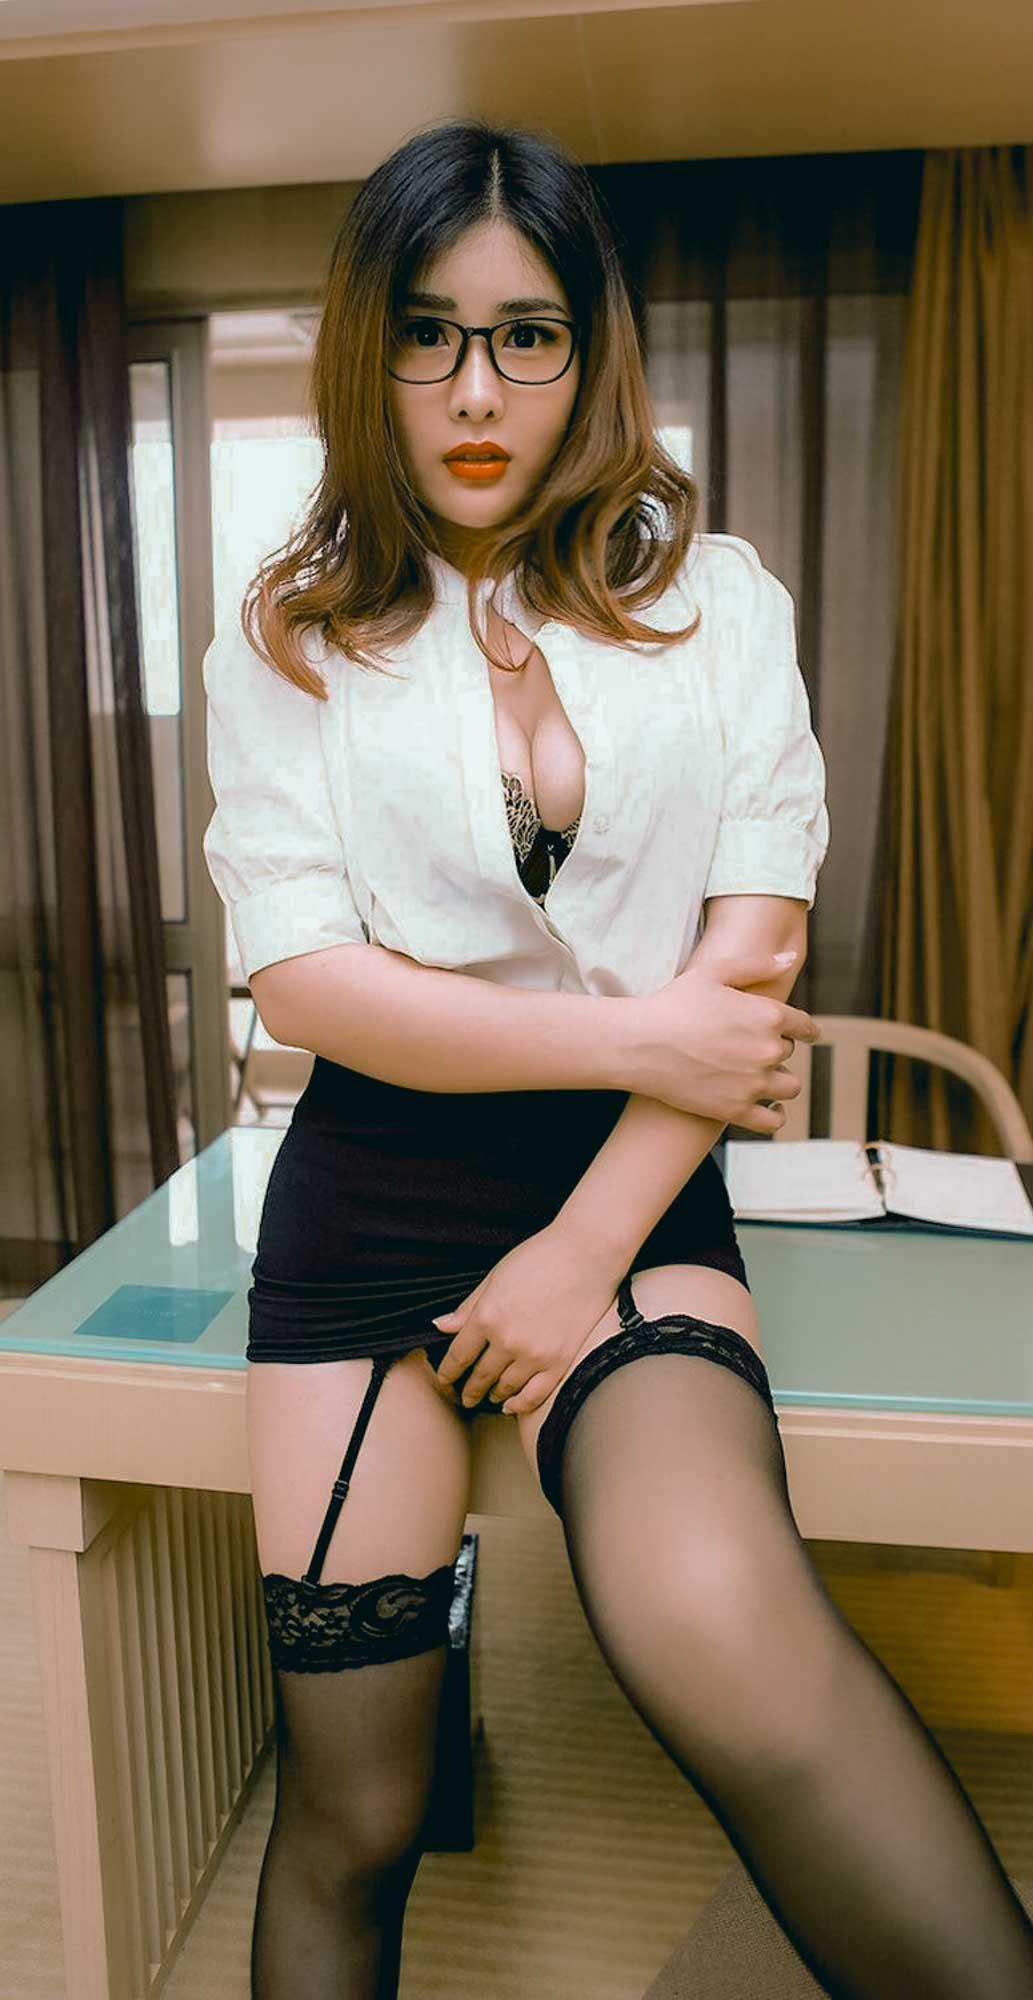 Yan Panpan 闫盼盼 | Nymph Voluptuous Secretary | | Gravure ...